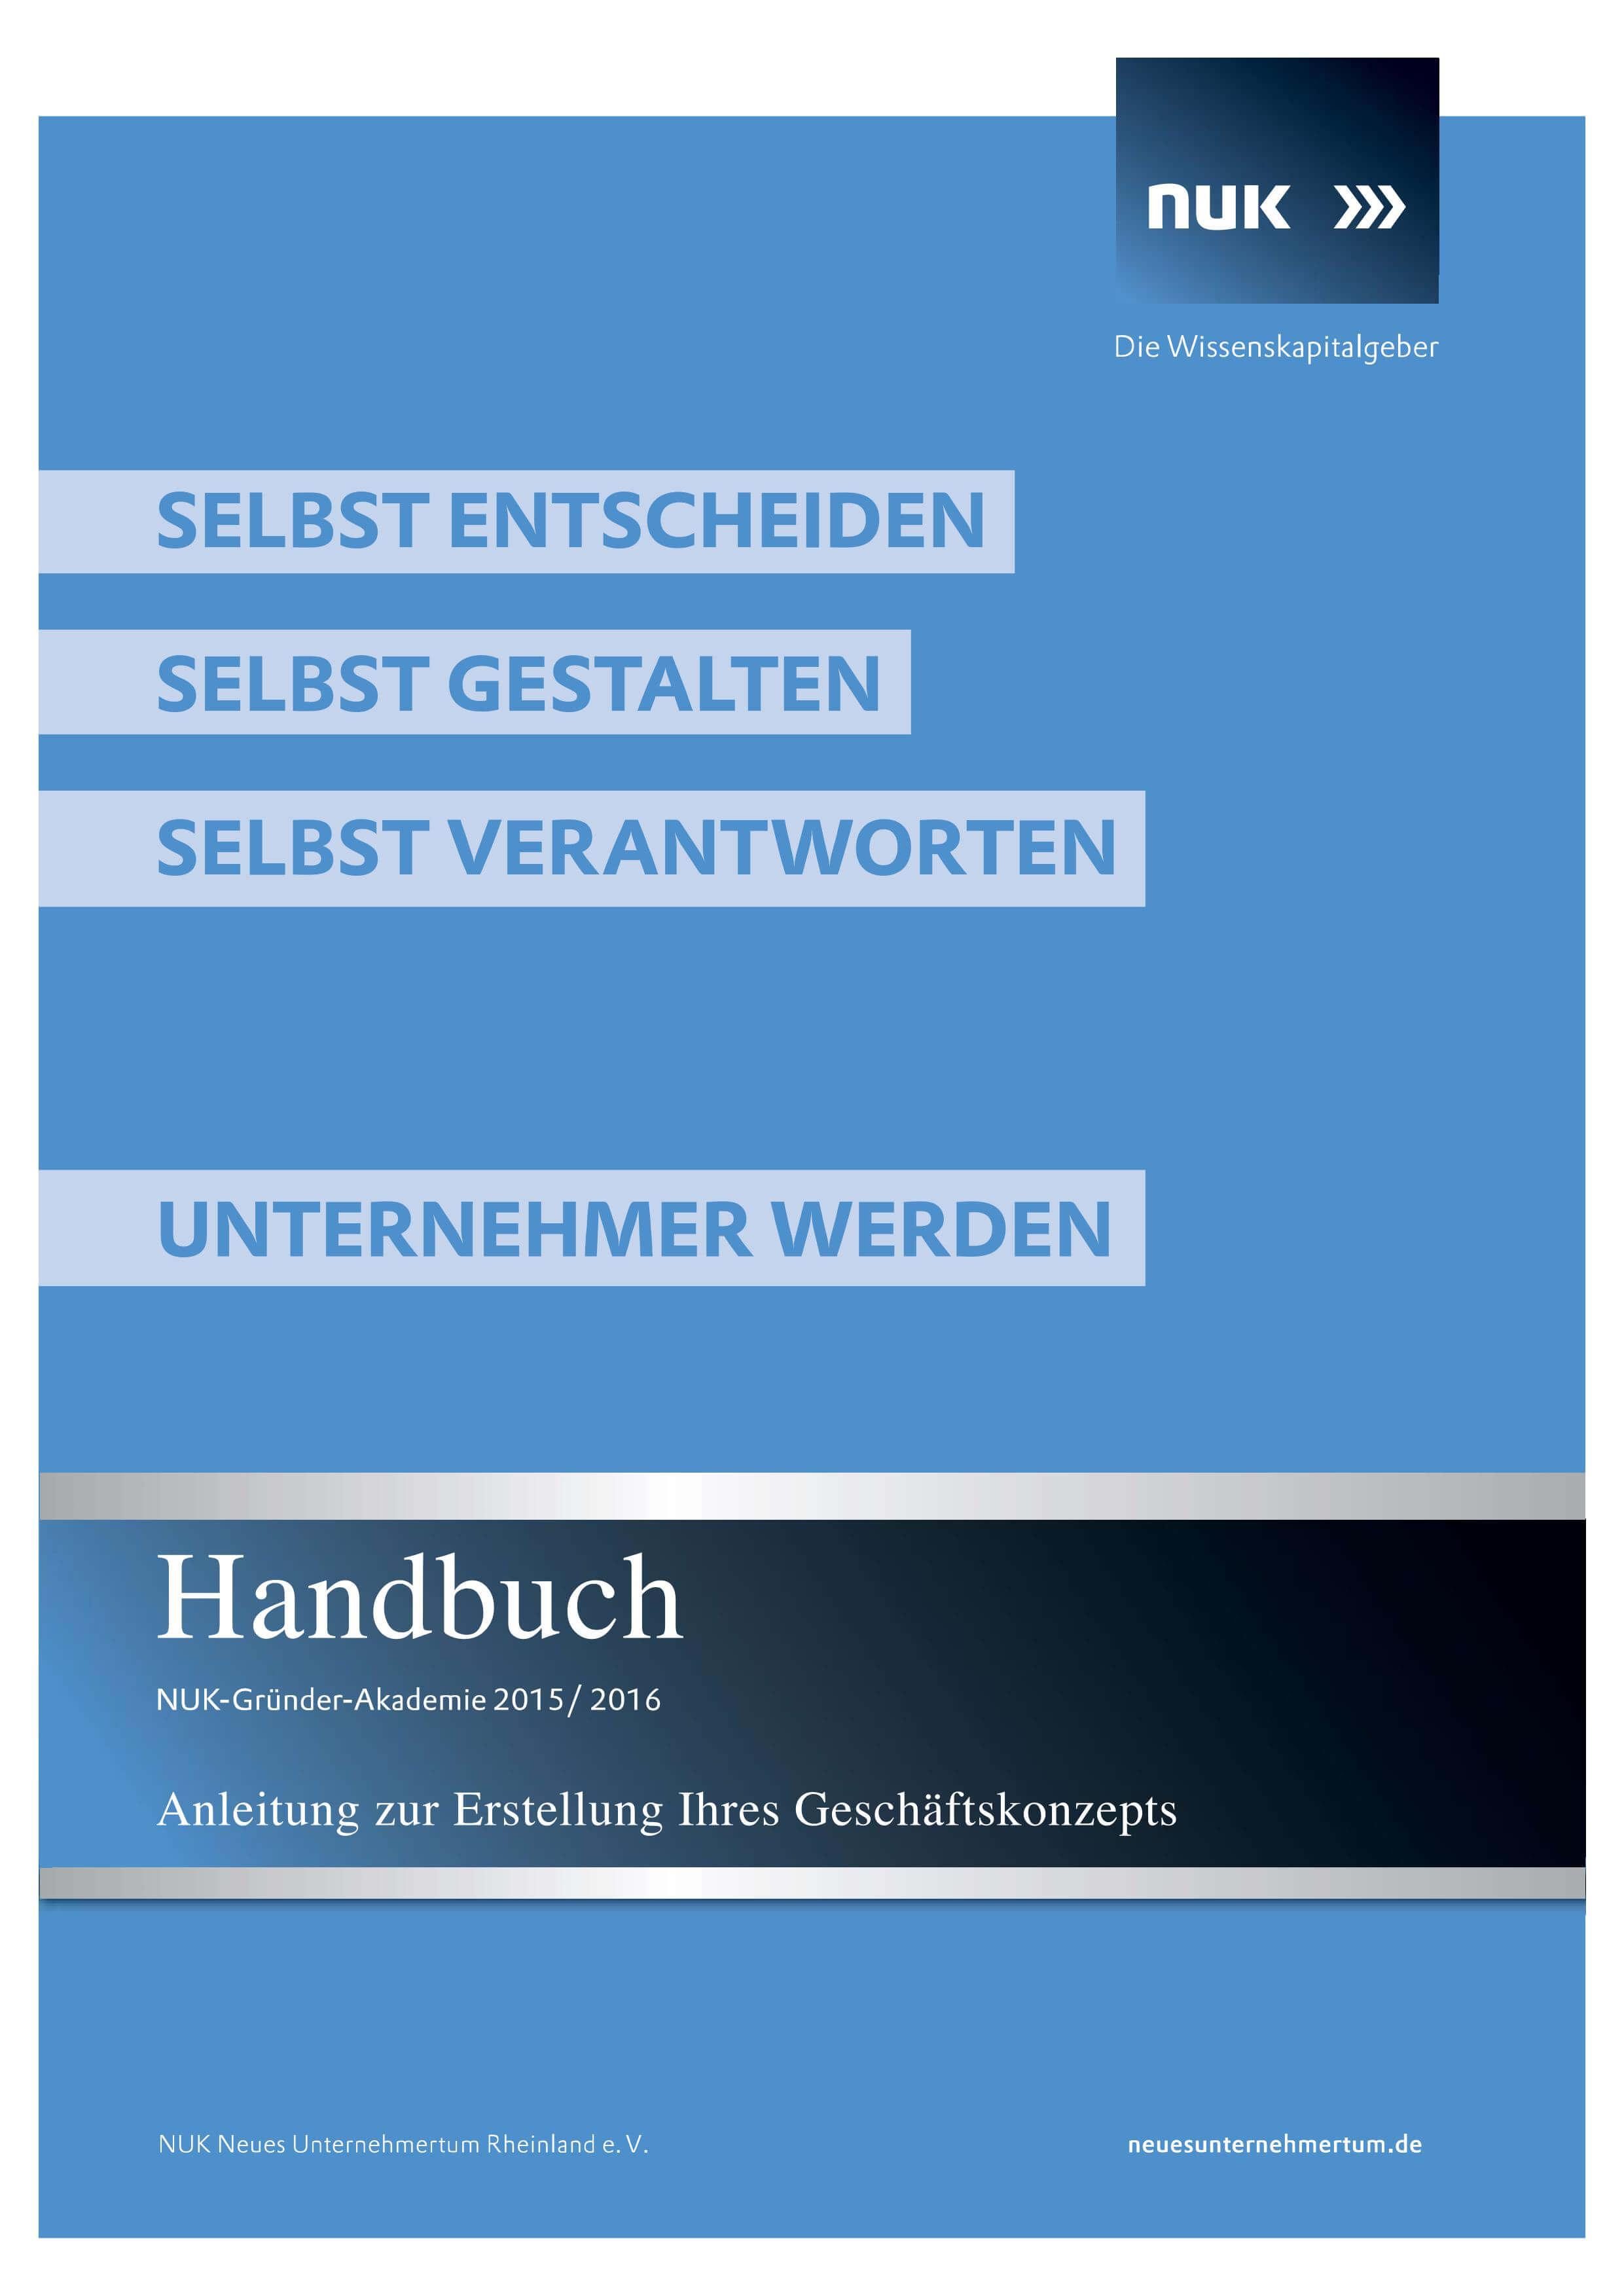 Titelbild Handbuch 20152016